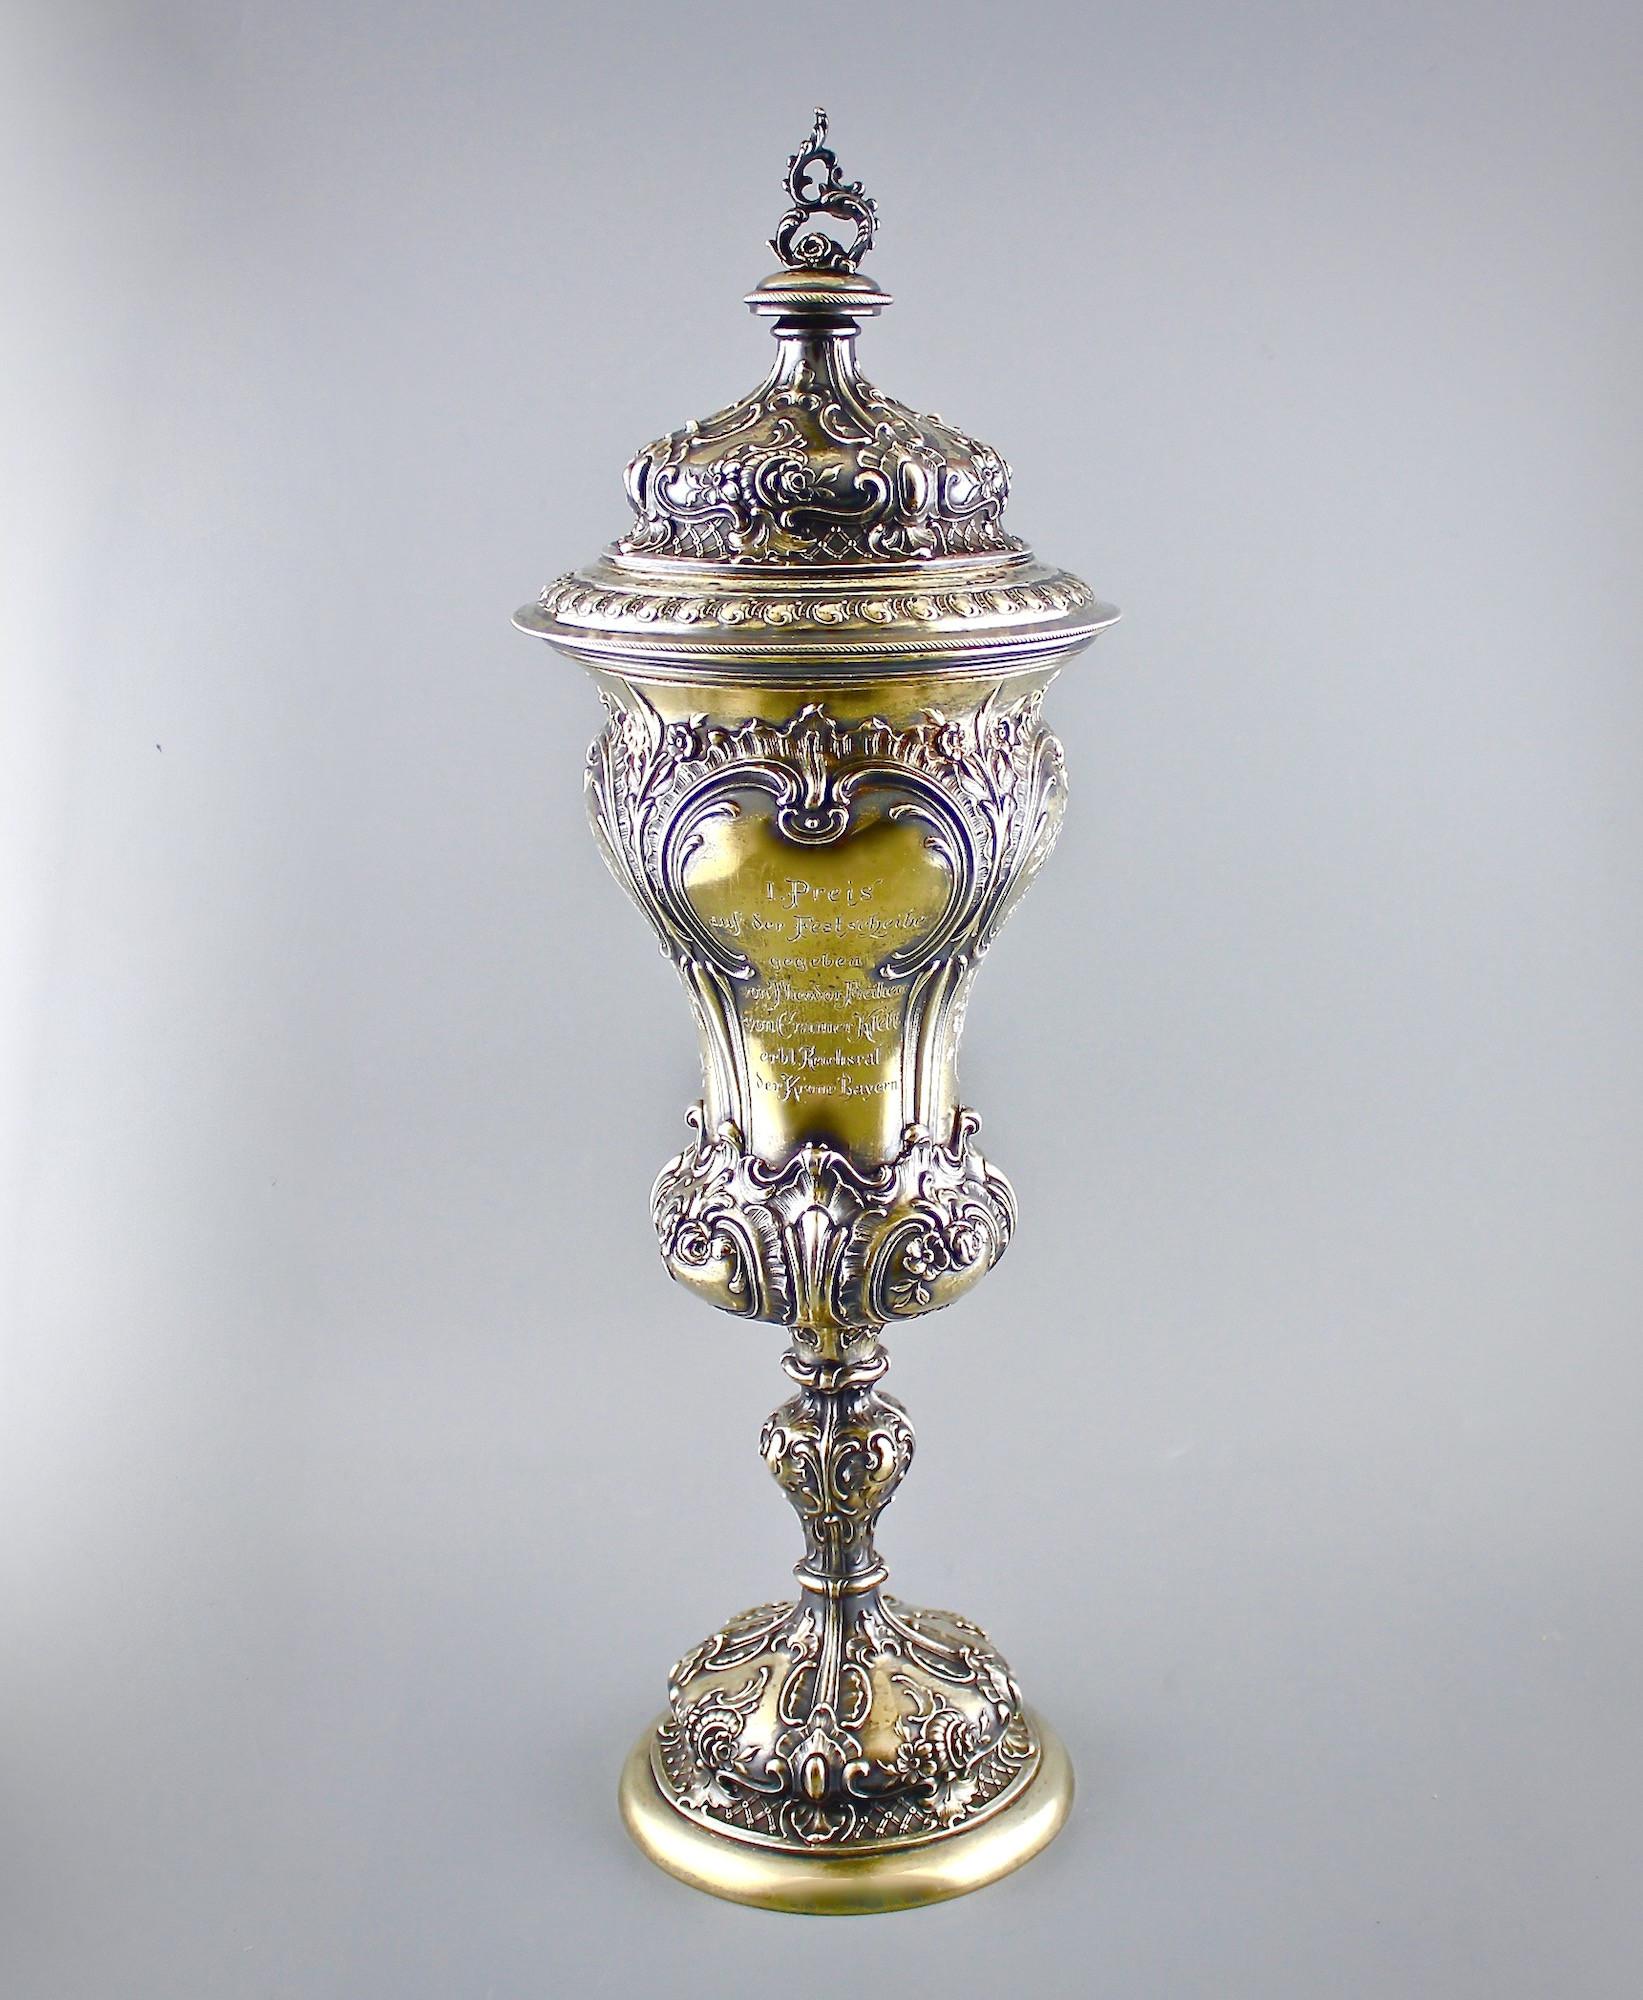 Кубок трофейный коллекционный